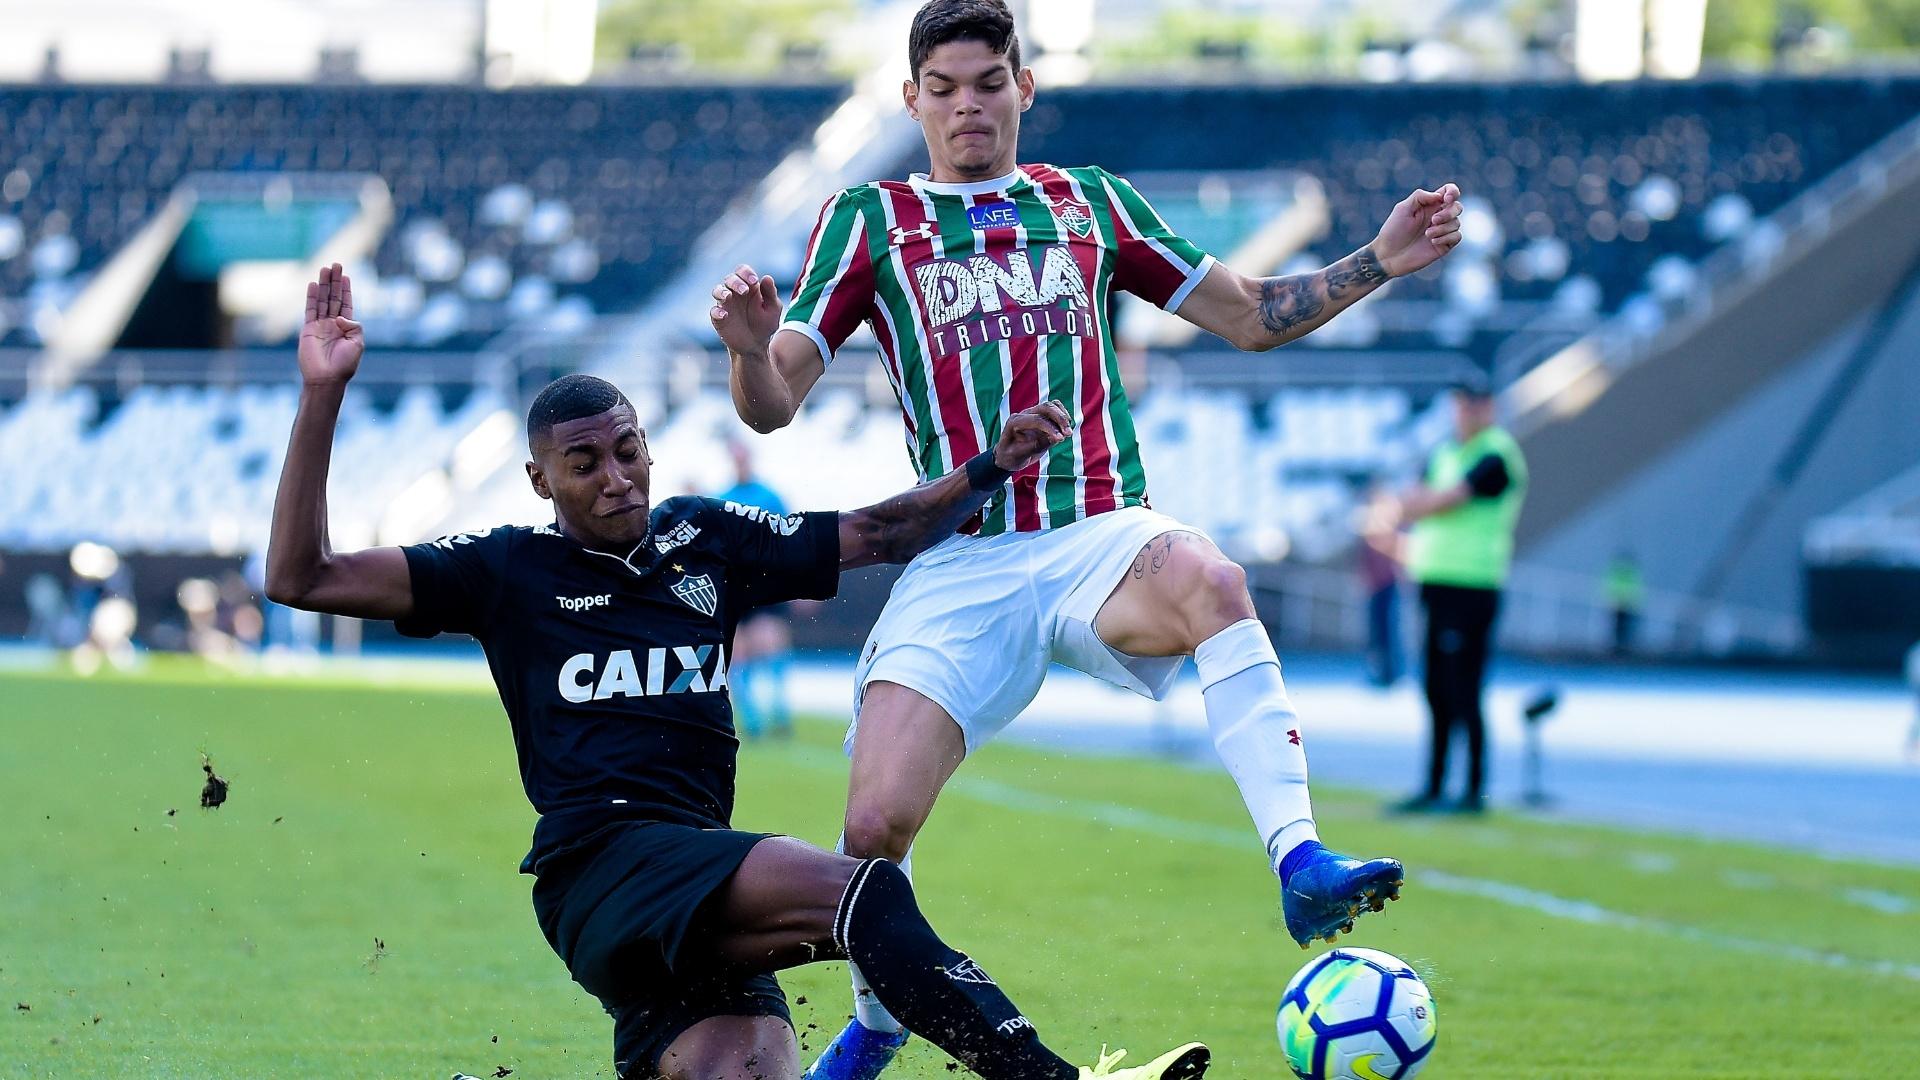 Emerson faza marcação em Ayrton Lucas no jogo entre Fluminense e Atlético-MG